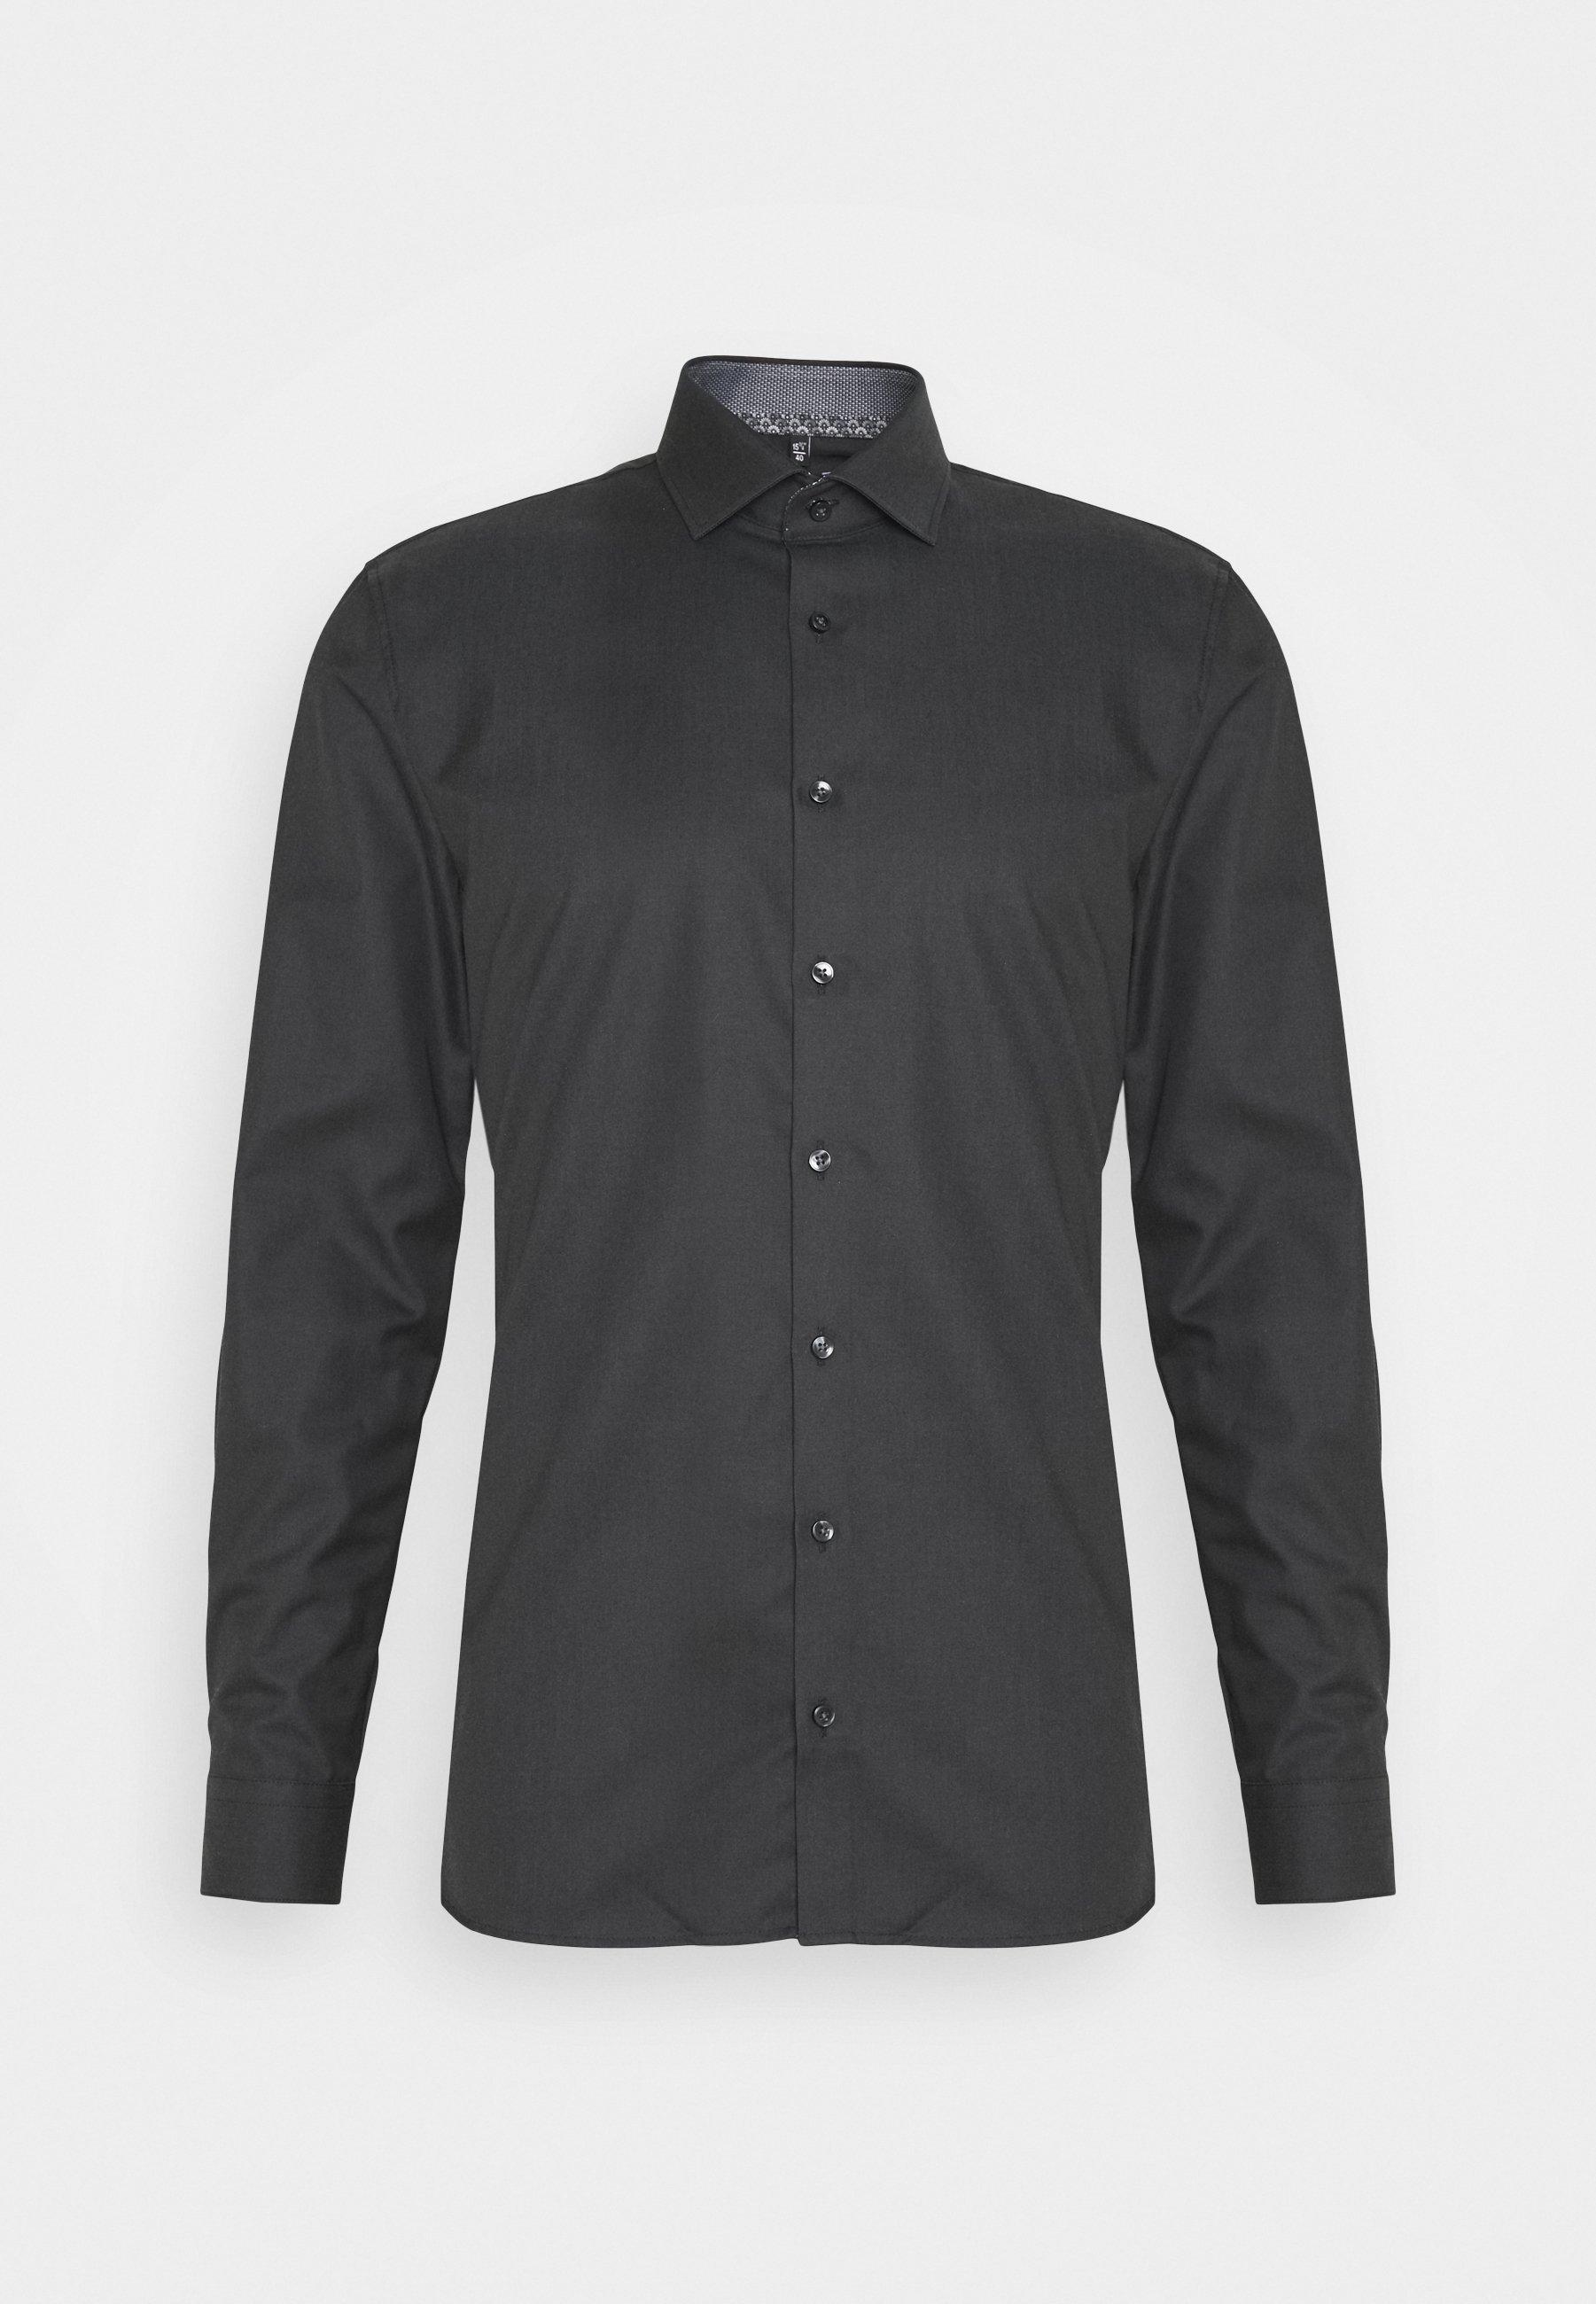 Graue Hemden für Herren   Der Klassiker im Kleiderschrank HaEK3